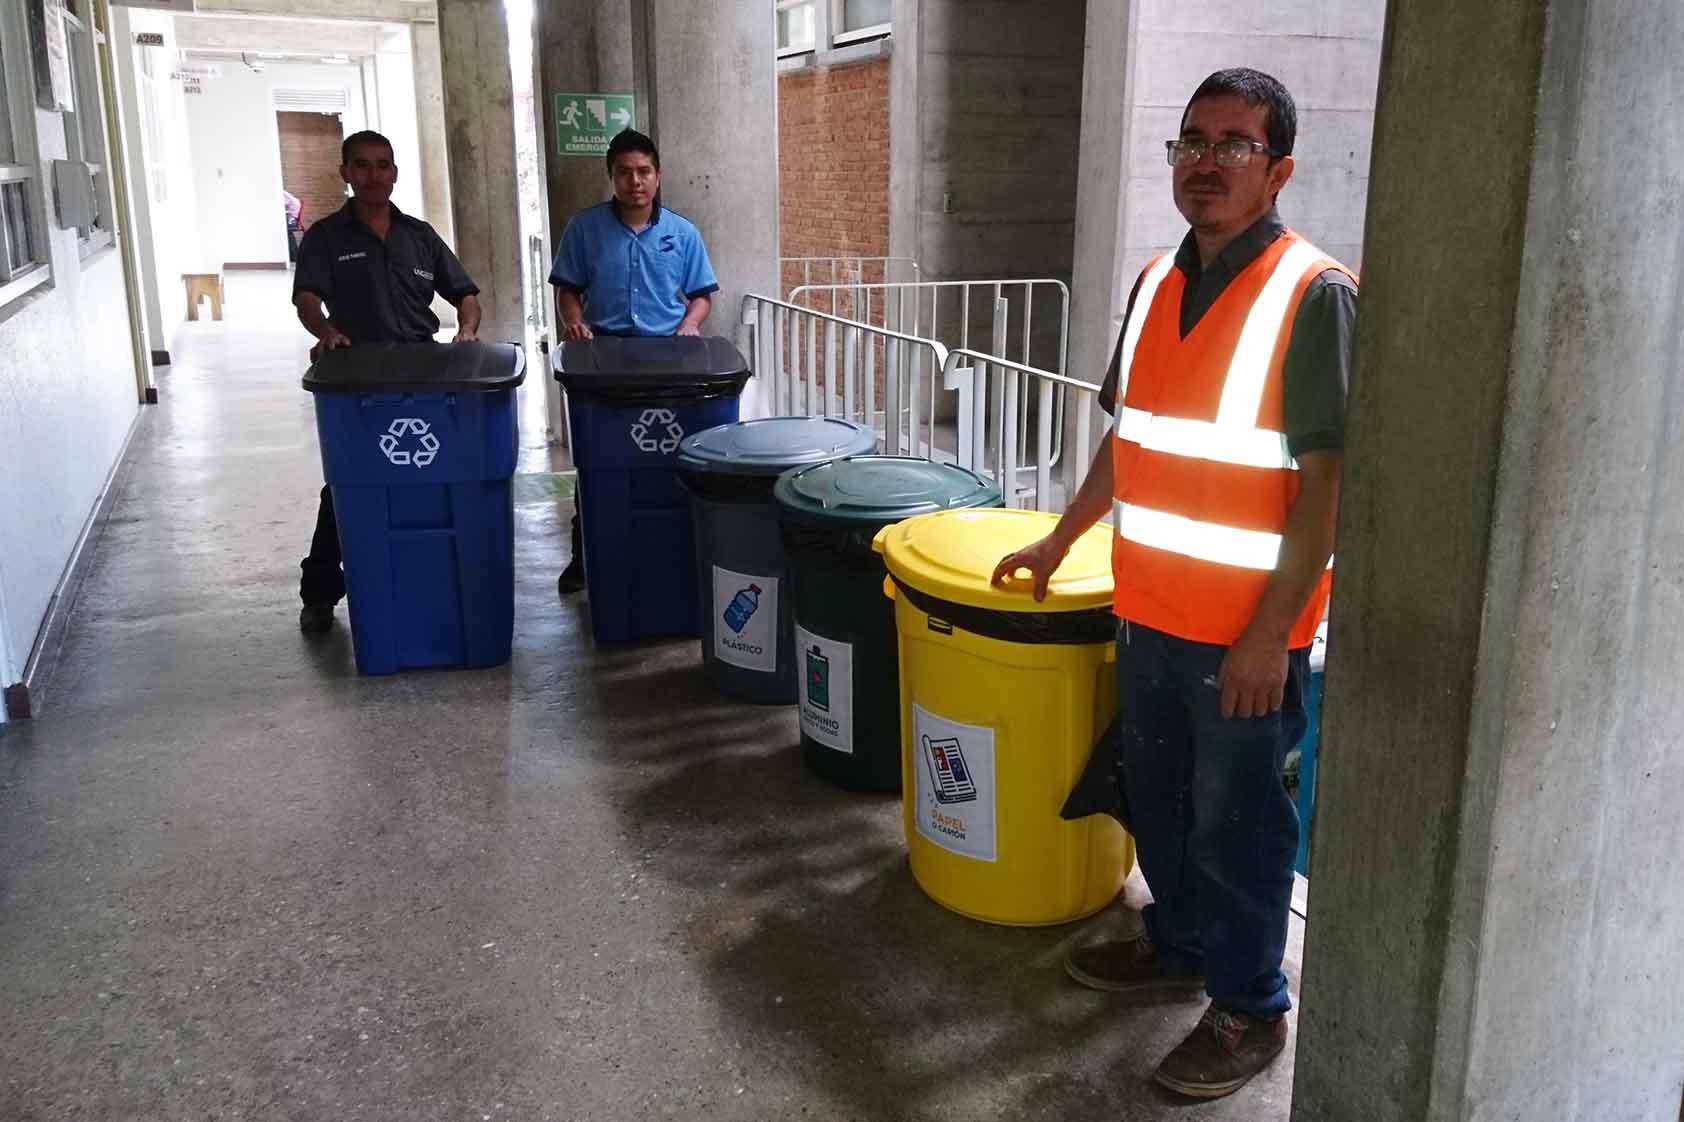 ¡Estamos cambiando! Nuestra campaña de reciclaje da sus primeros resultados